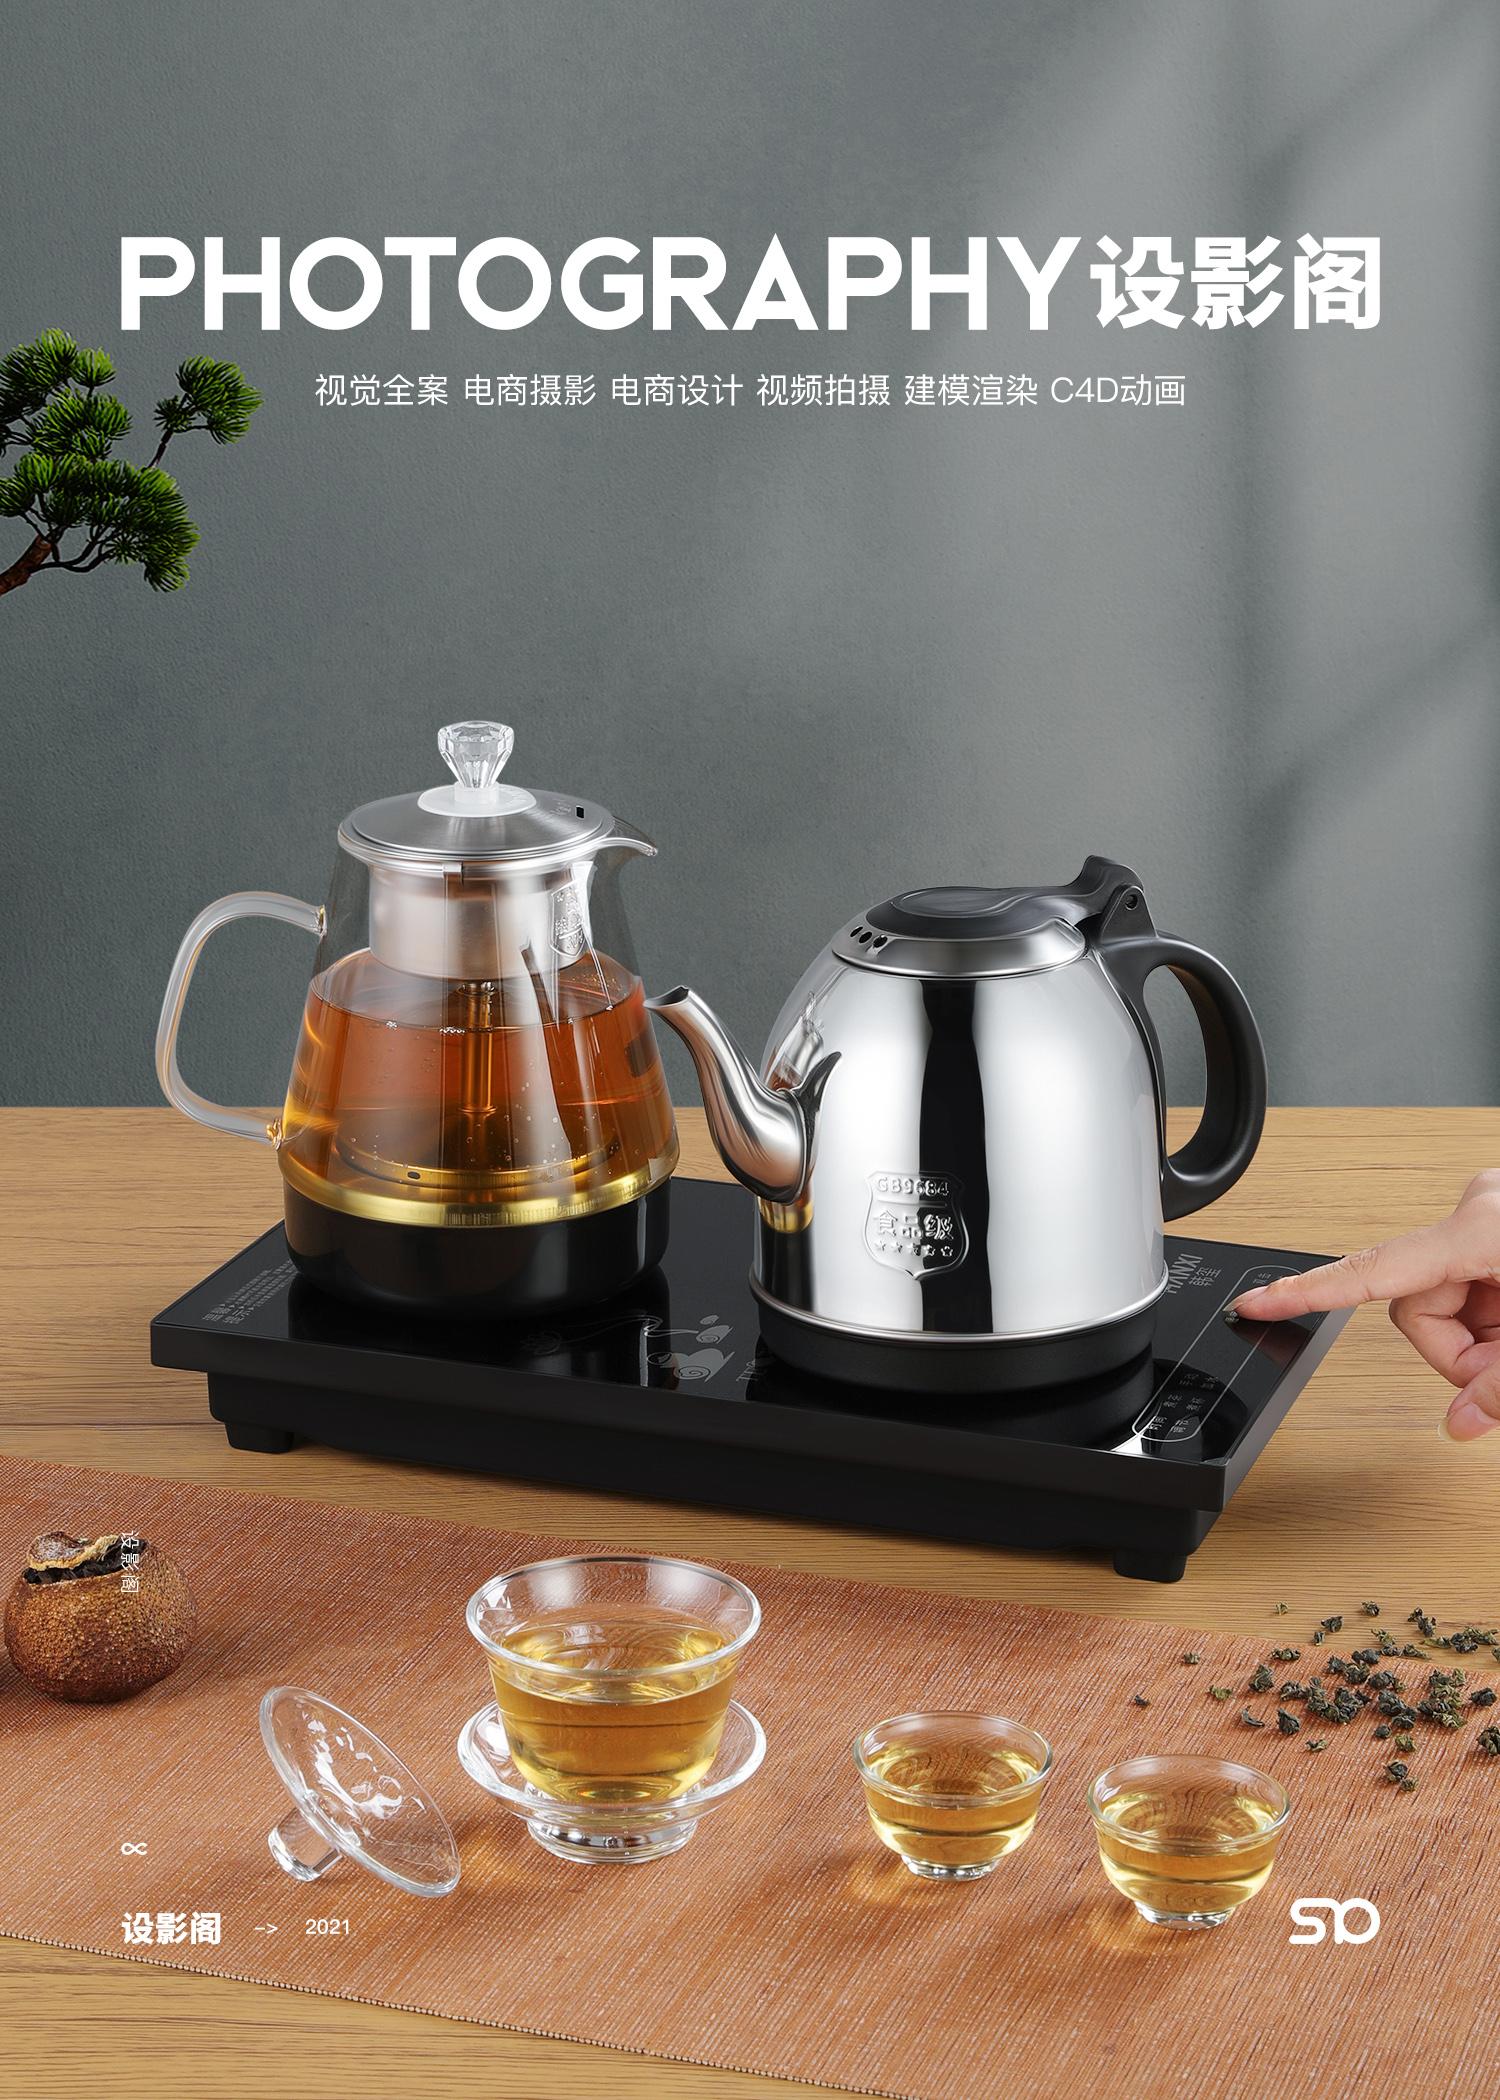 现代电热水壶 x 产品拍摄